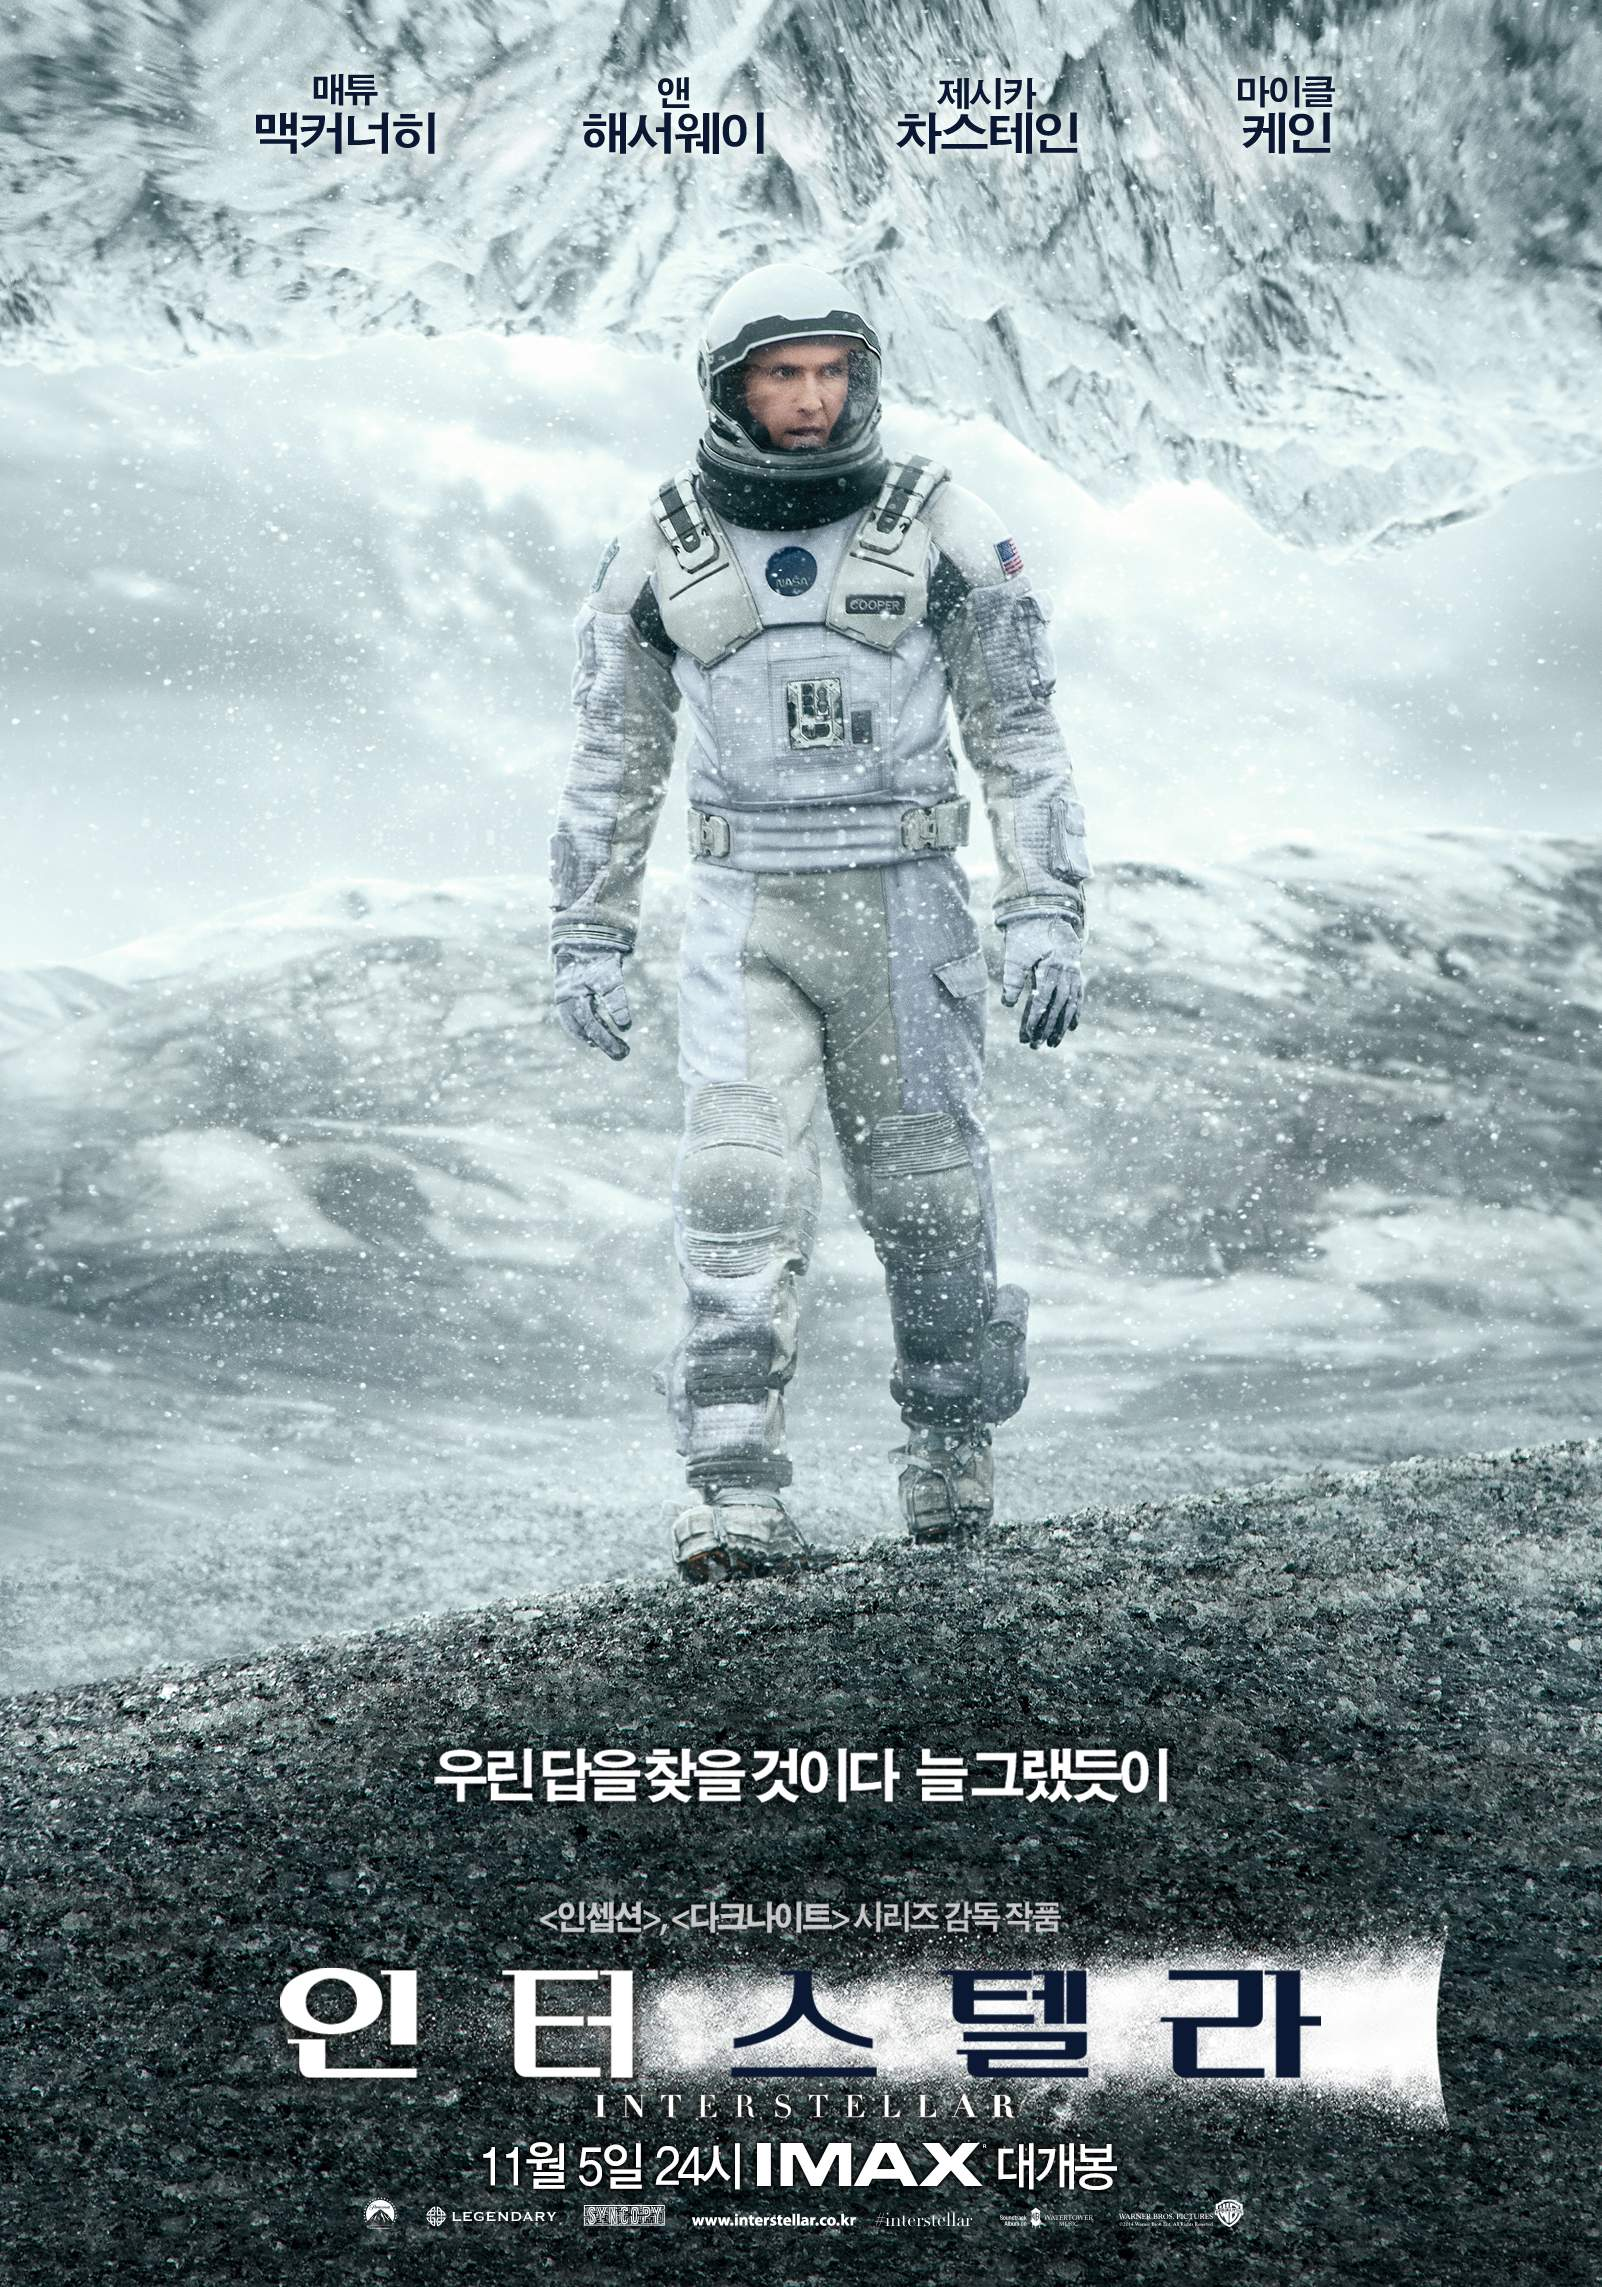 (리뷰) 인터스텔라 (Interstellar, 2014)